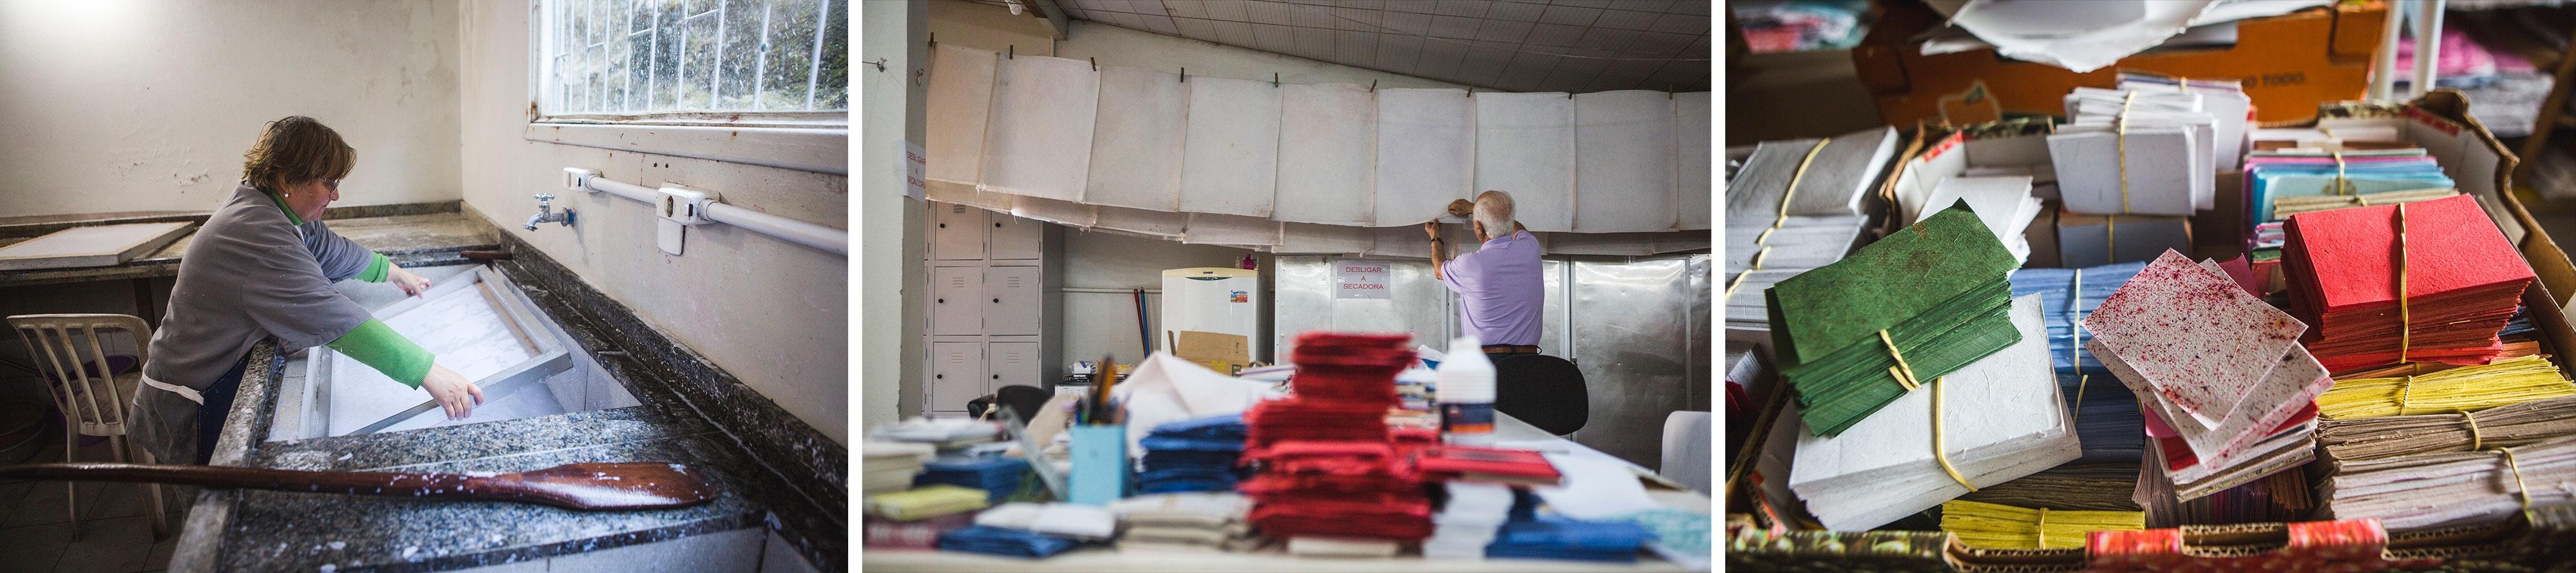 Solange Salles Schiefler (à esq.) é uma das participantes da oficina de papel reciclado da Coepad, que funciona há quase duas décadas - Daniel Queiroz/ND